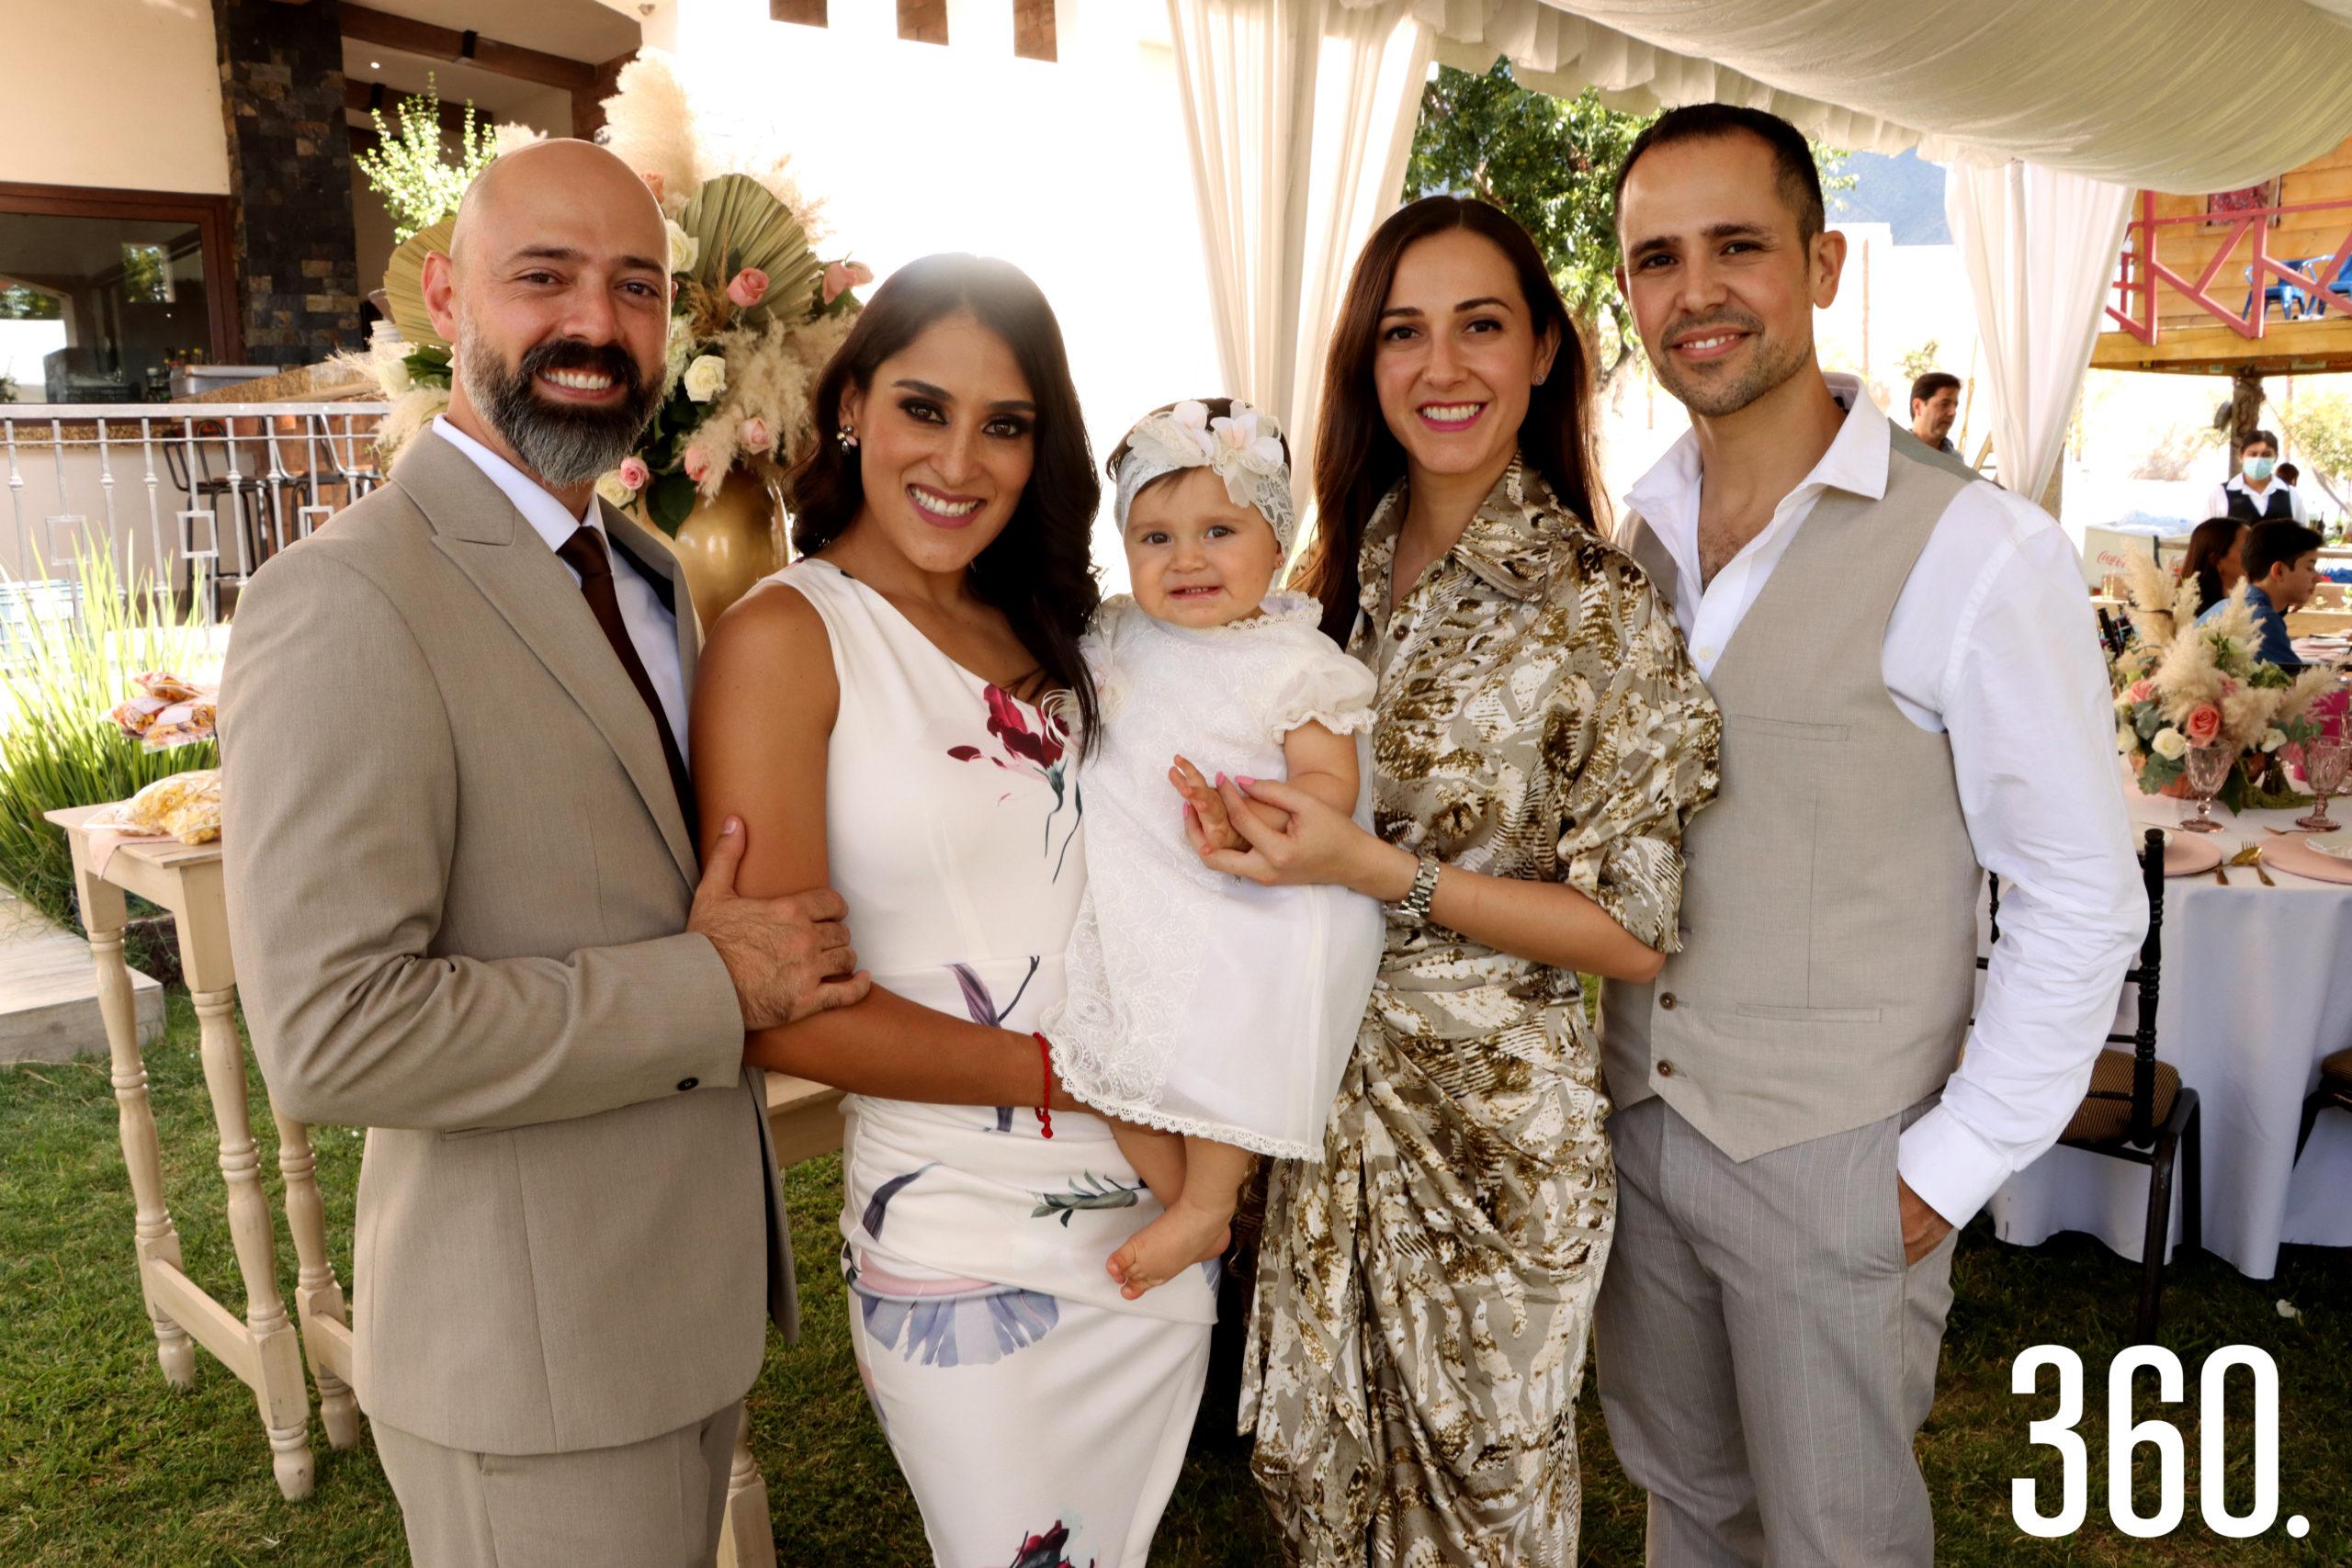 La pequeña Alessa acompañada por sus padres, Alejandro Ibarra y Cindy Sánchez, y sus padrinos Carolina Sánchez y César García.